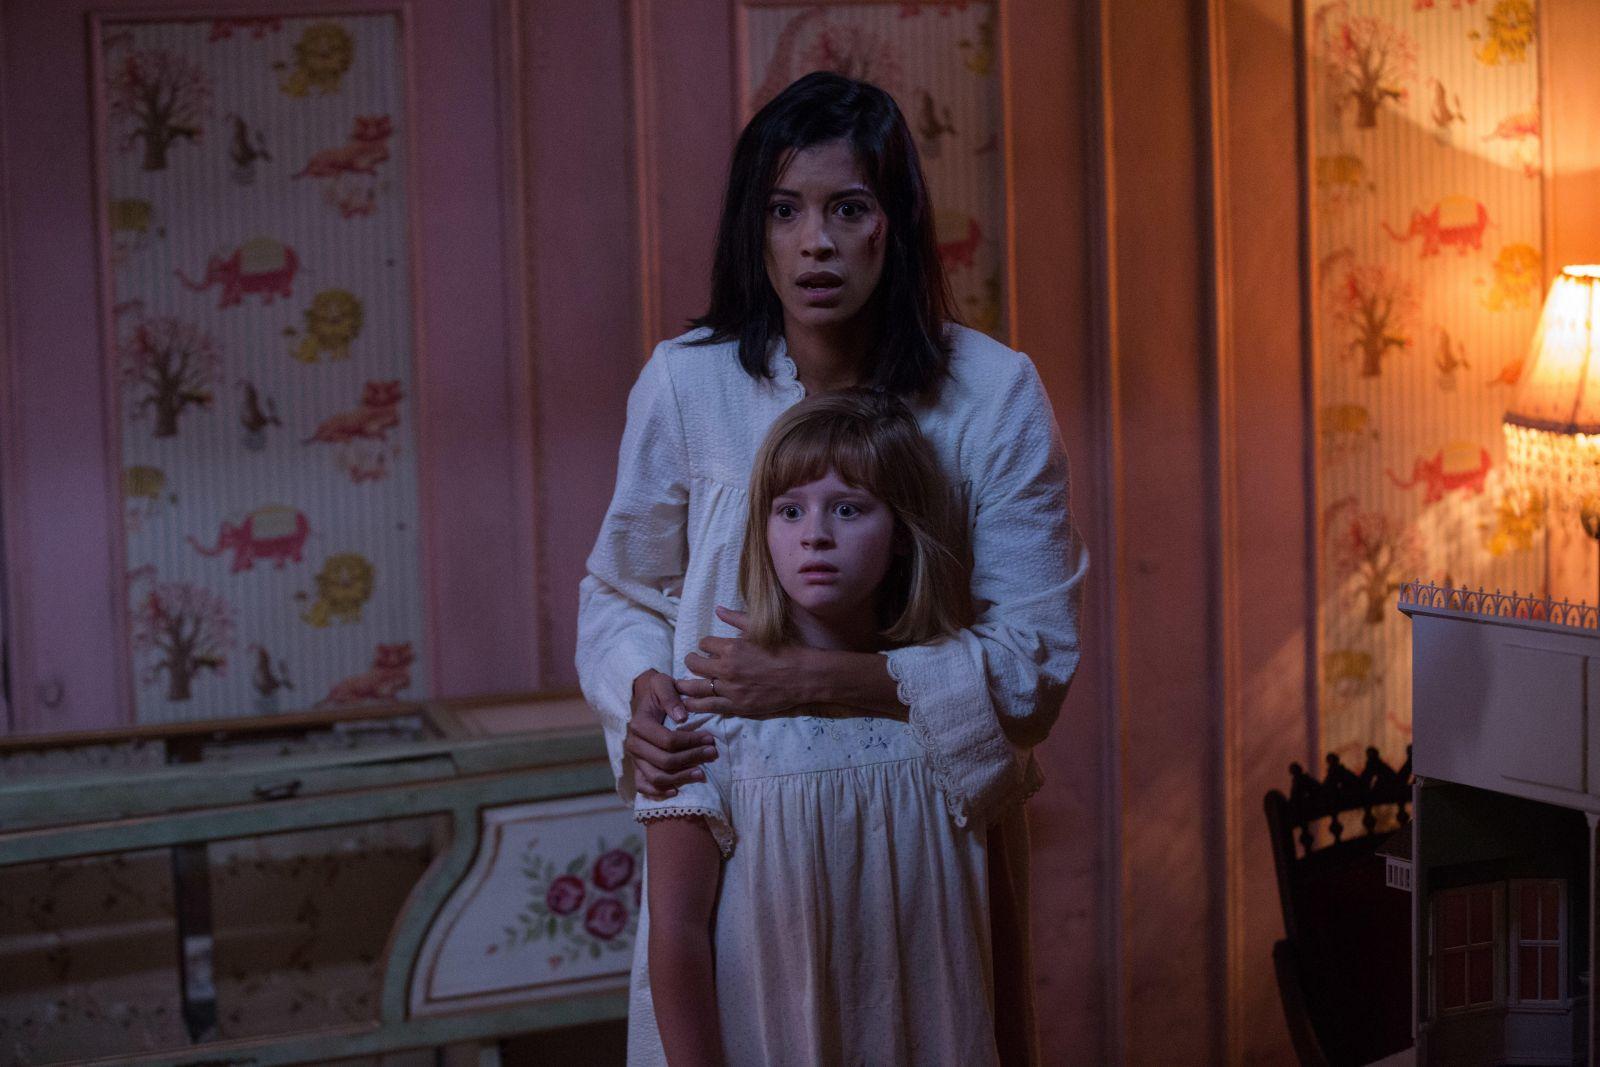 Кукла-демон Аннабель напугала посетителей магазина. Видео ... | 1067x1600